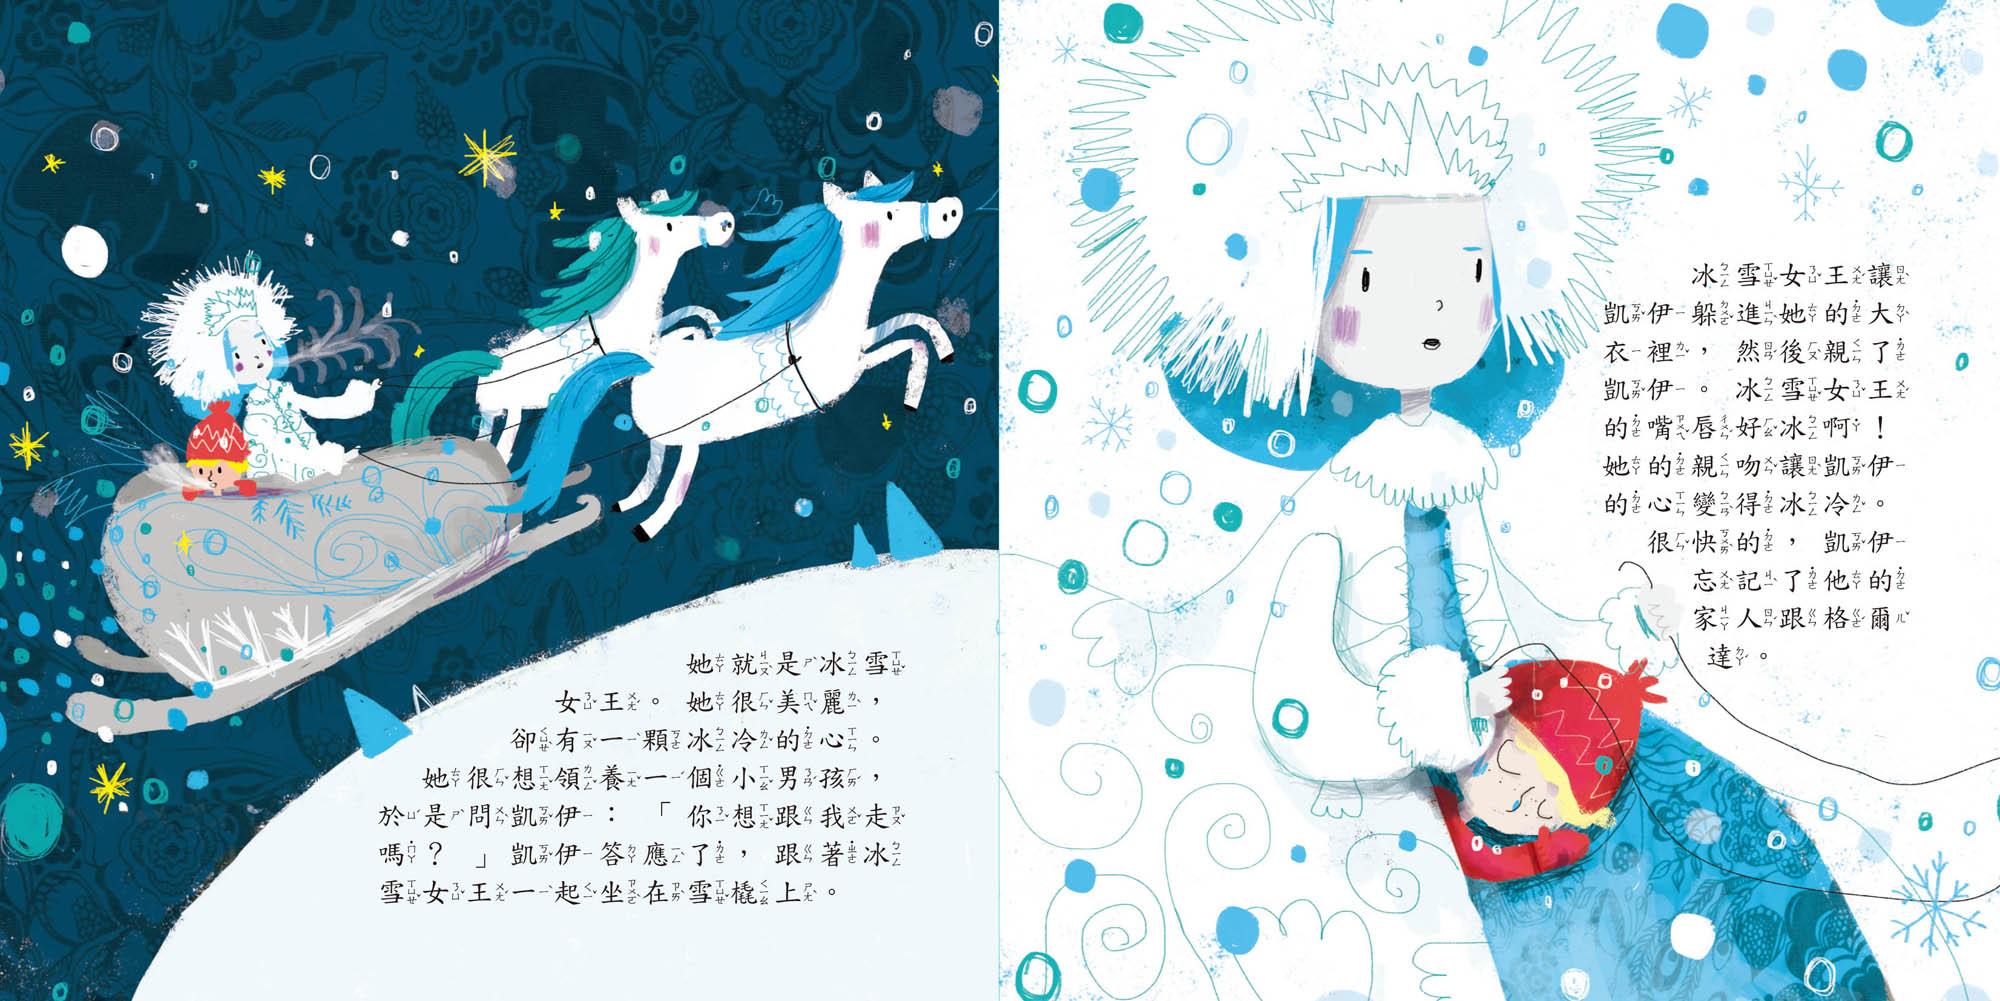 寶寶的12個經典童話故事-冰雪女王